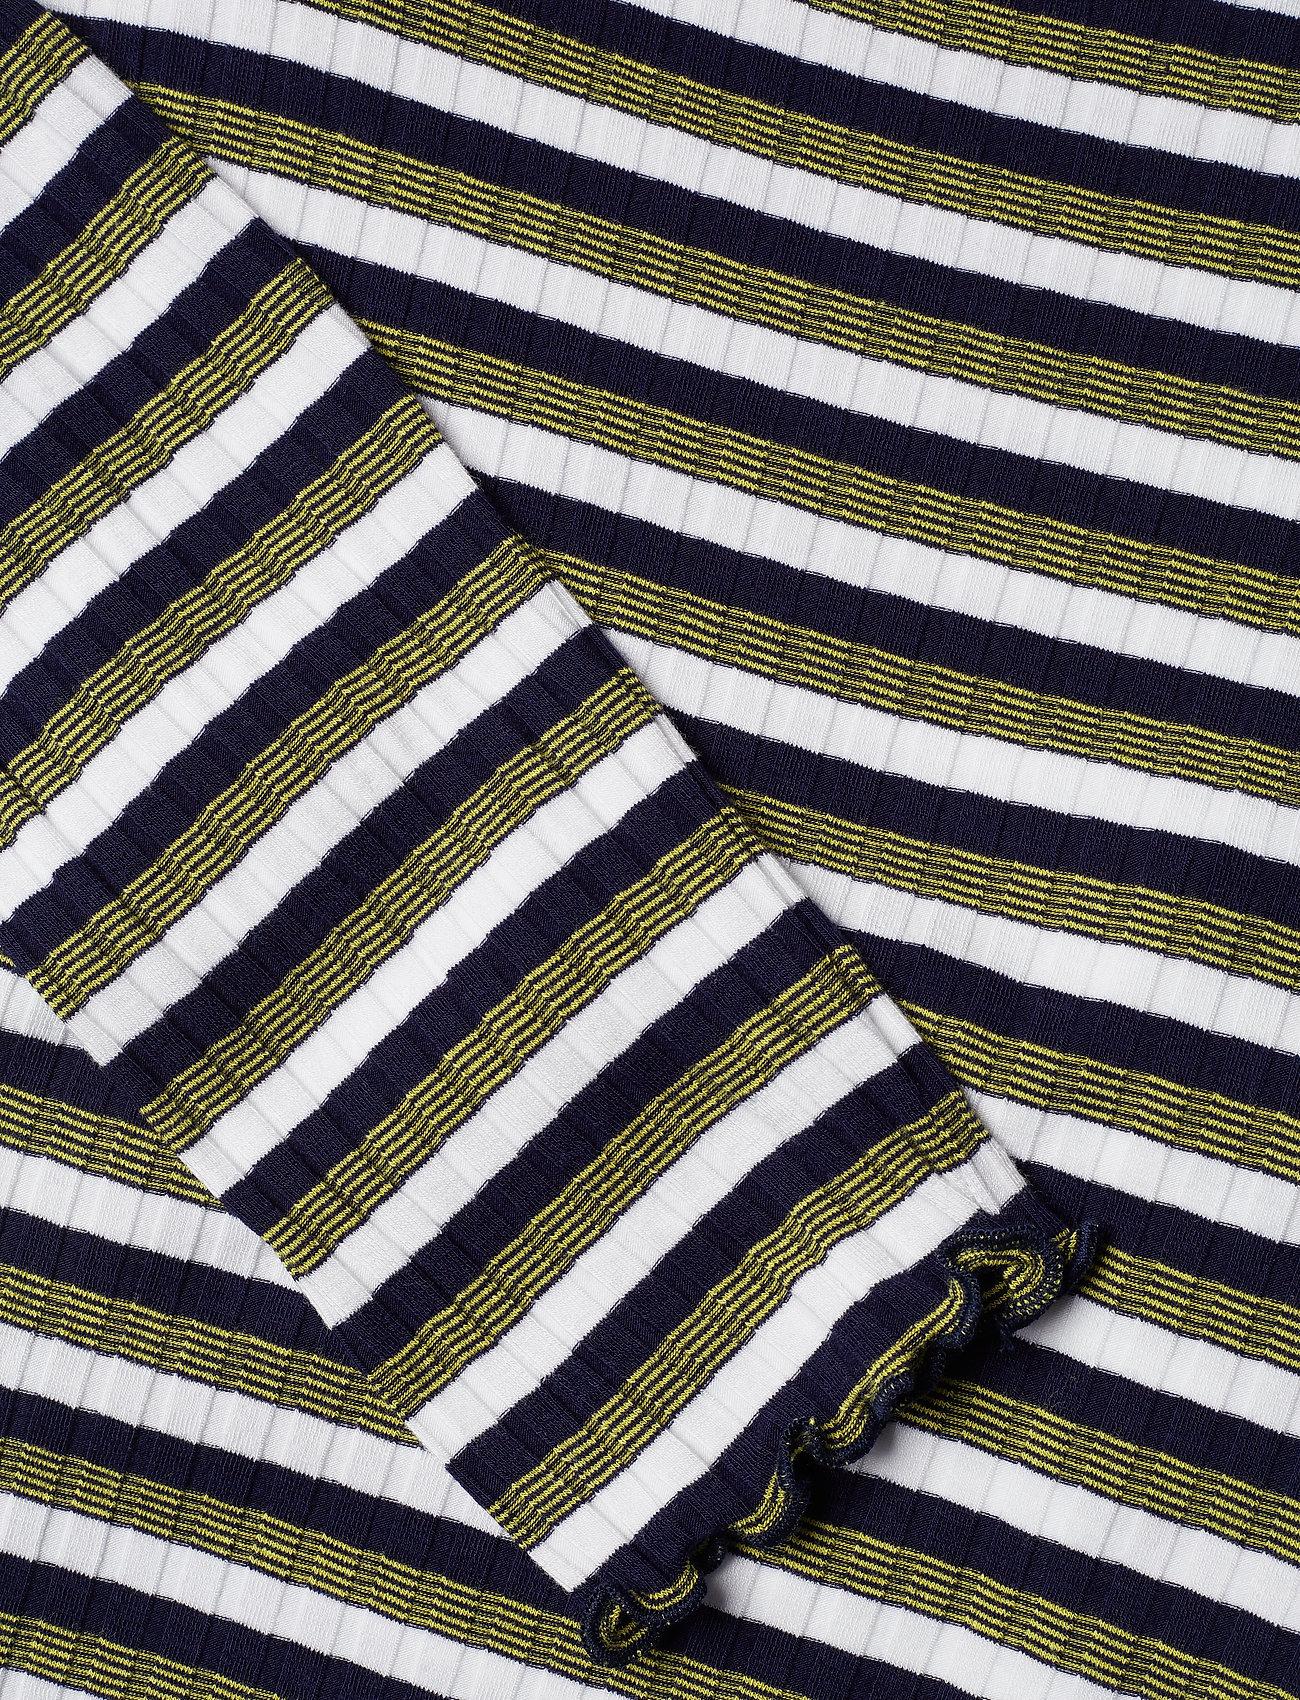 5x5 Happy Stripe Trutte S (Navy Multi) (480 kr) - Mads Nørgaard